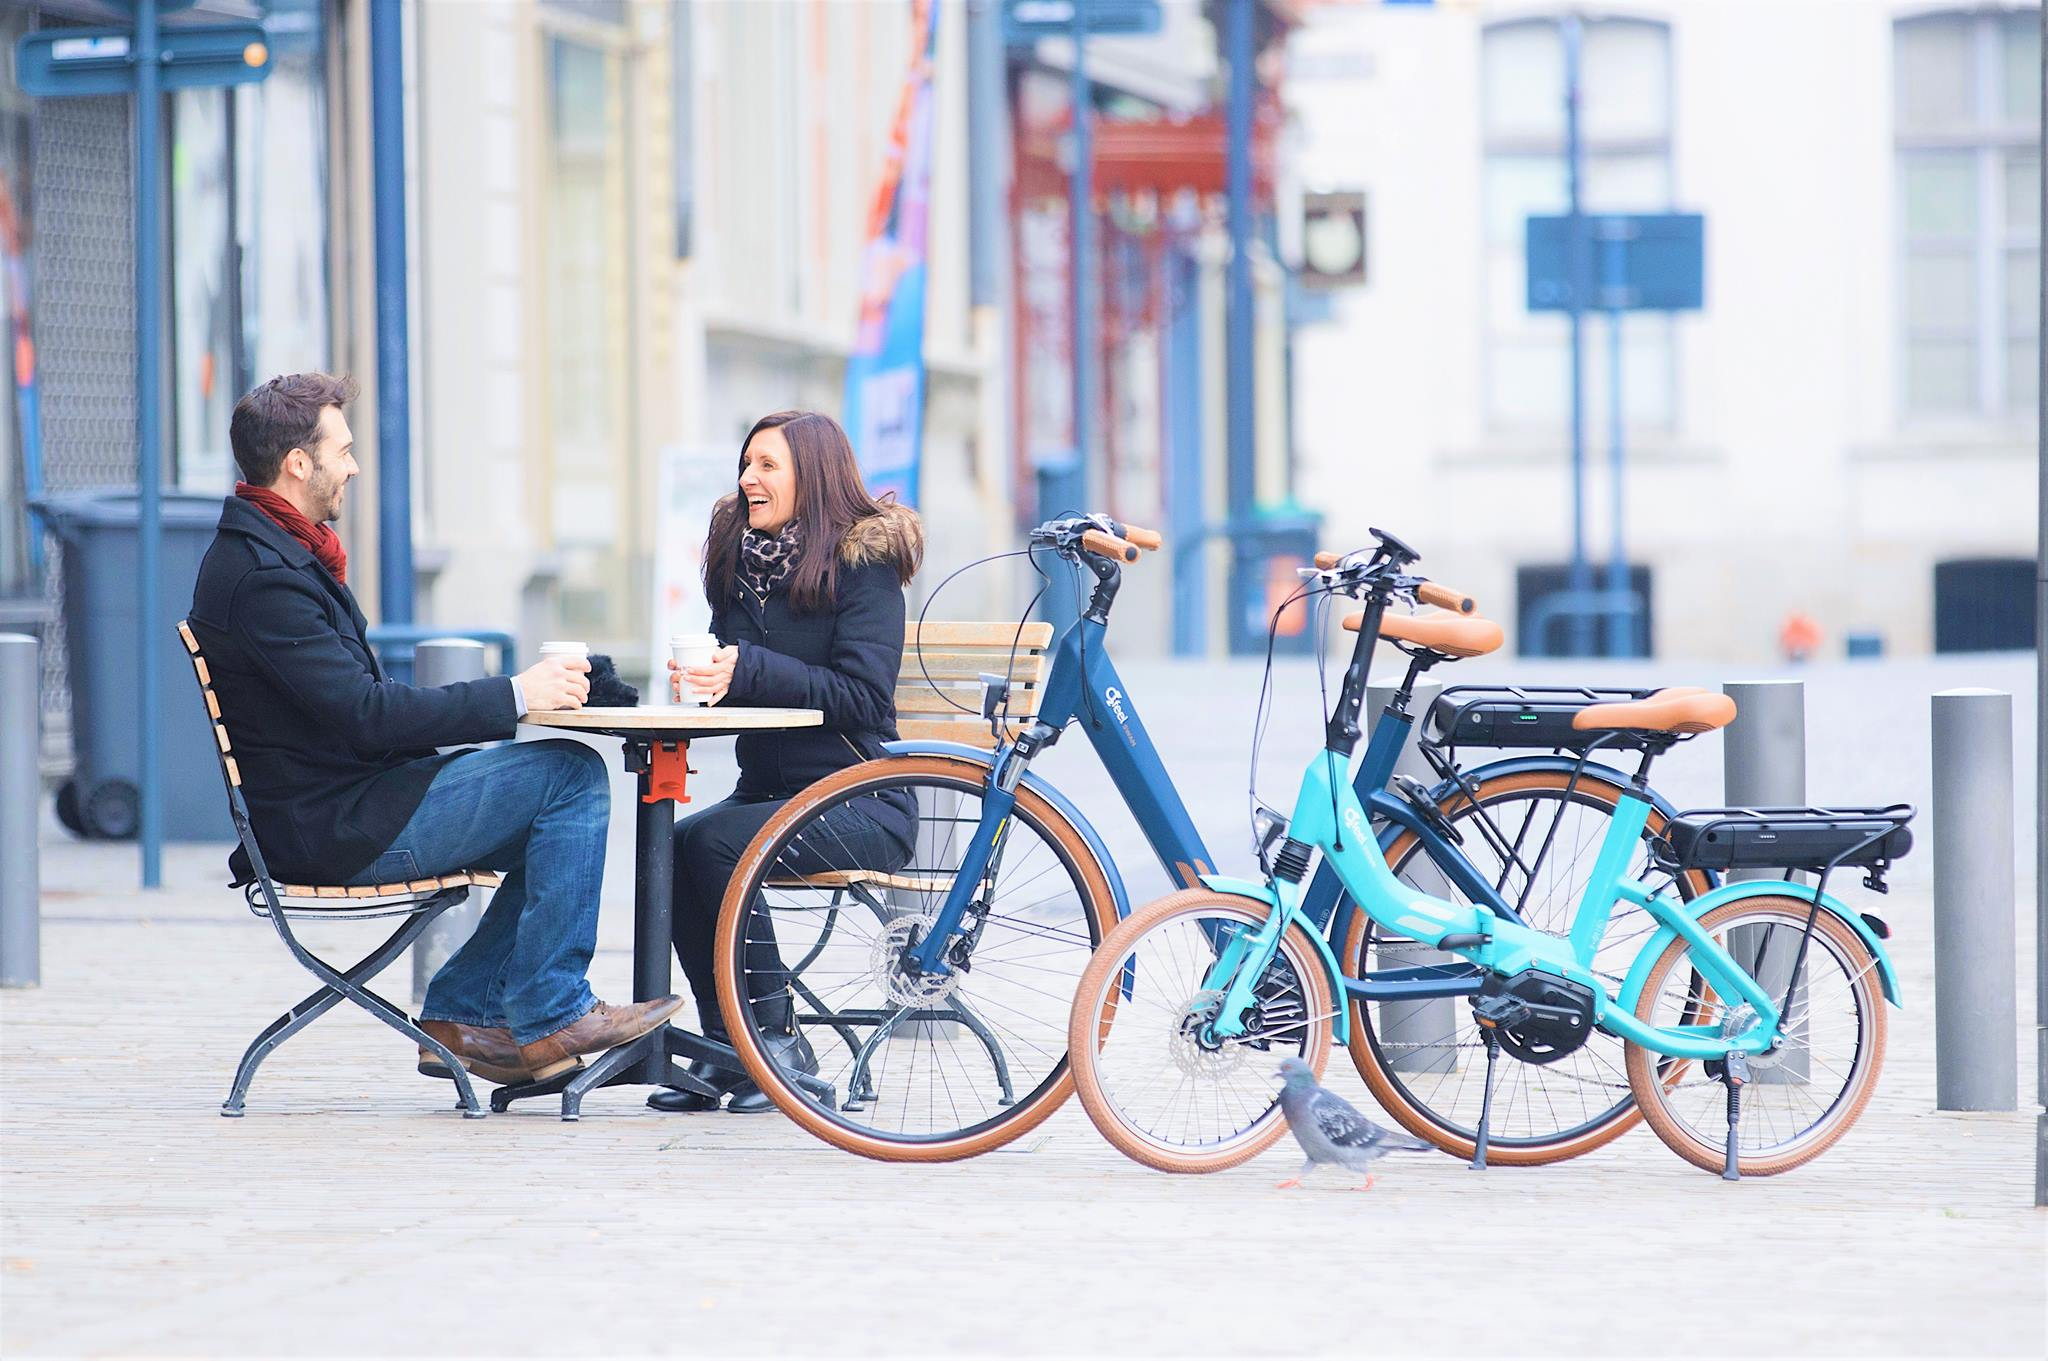 Vélos O2Feel à assistance électrique